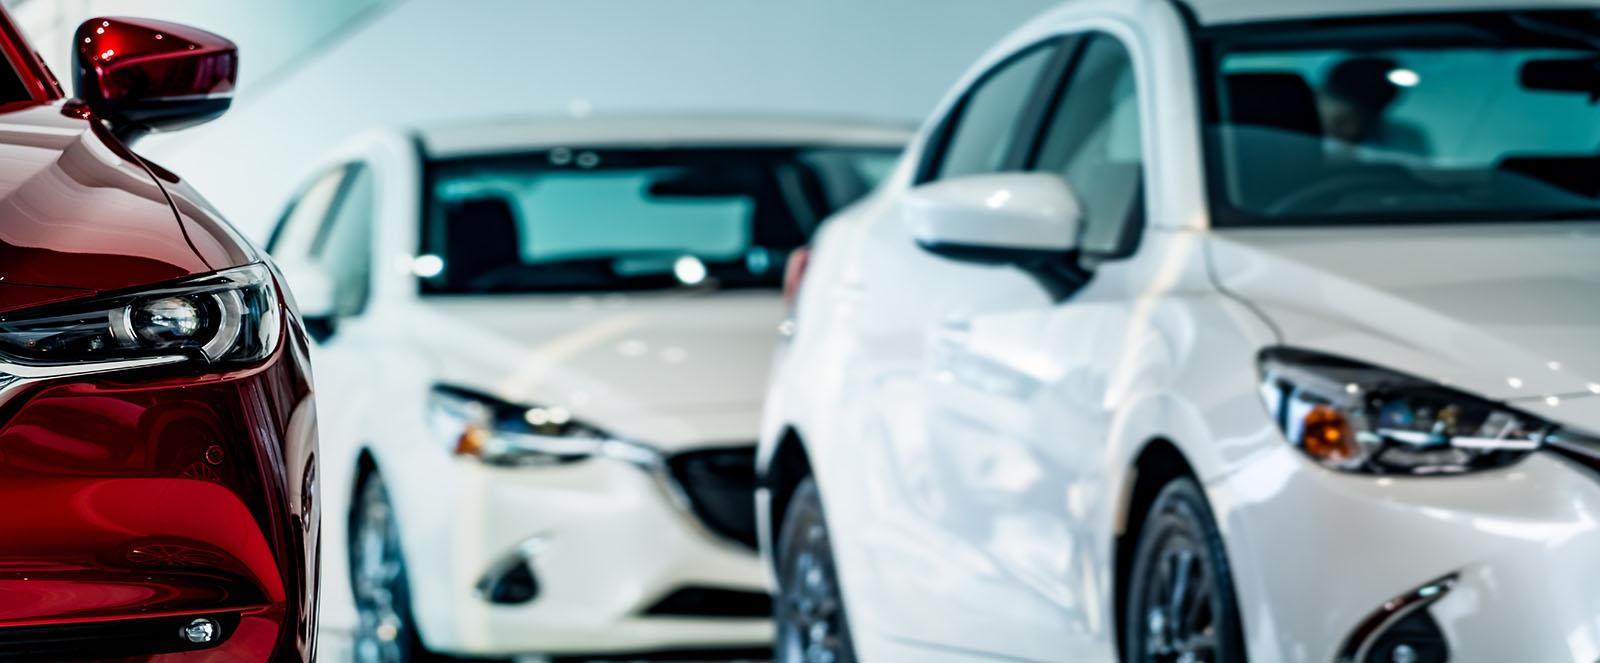 Haninge Bilpark ger dig en korrekt värdering när du ska sälja bil i Skåne.